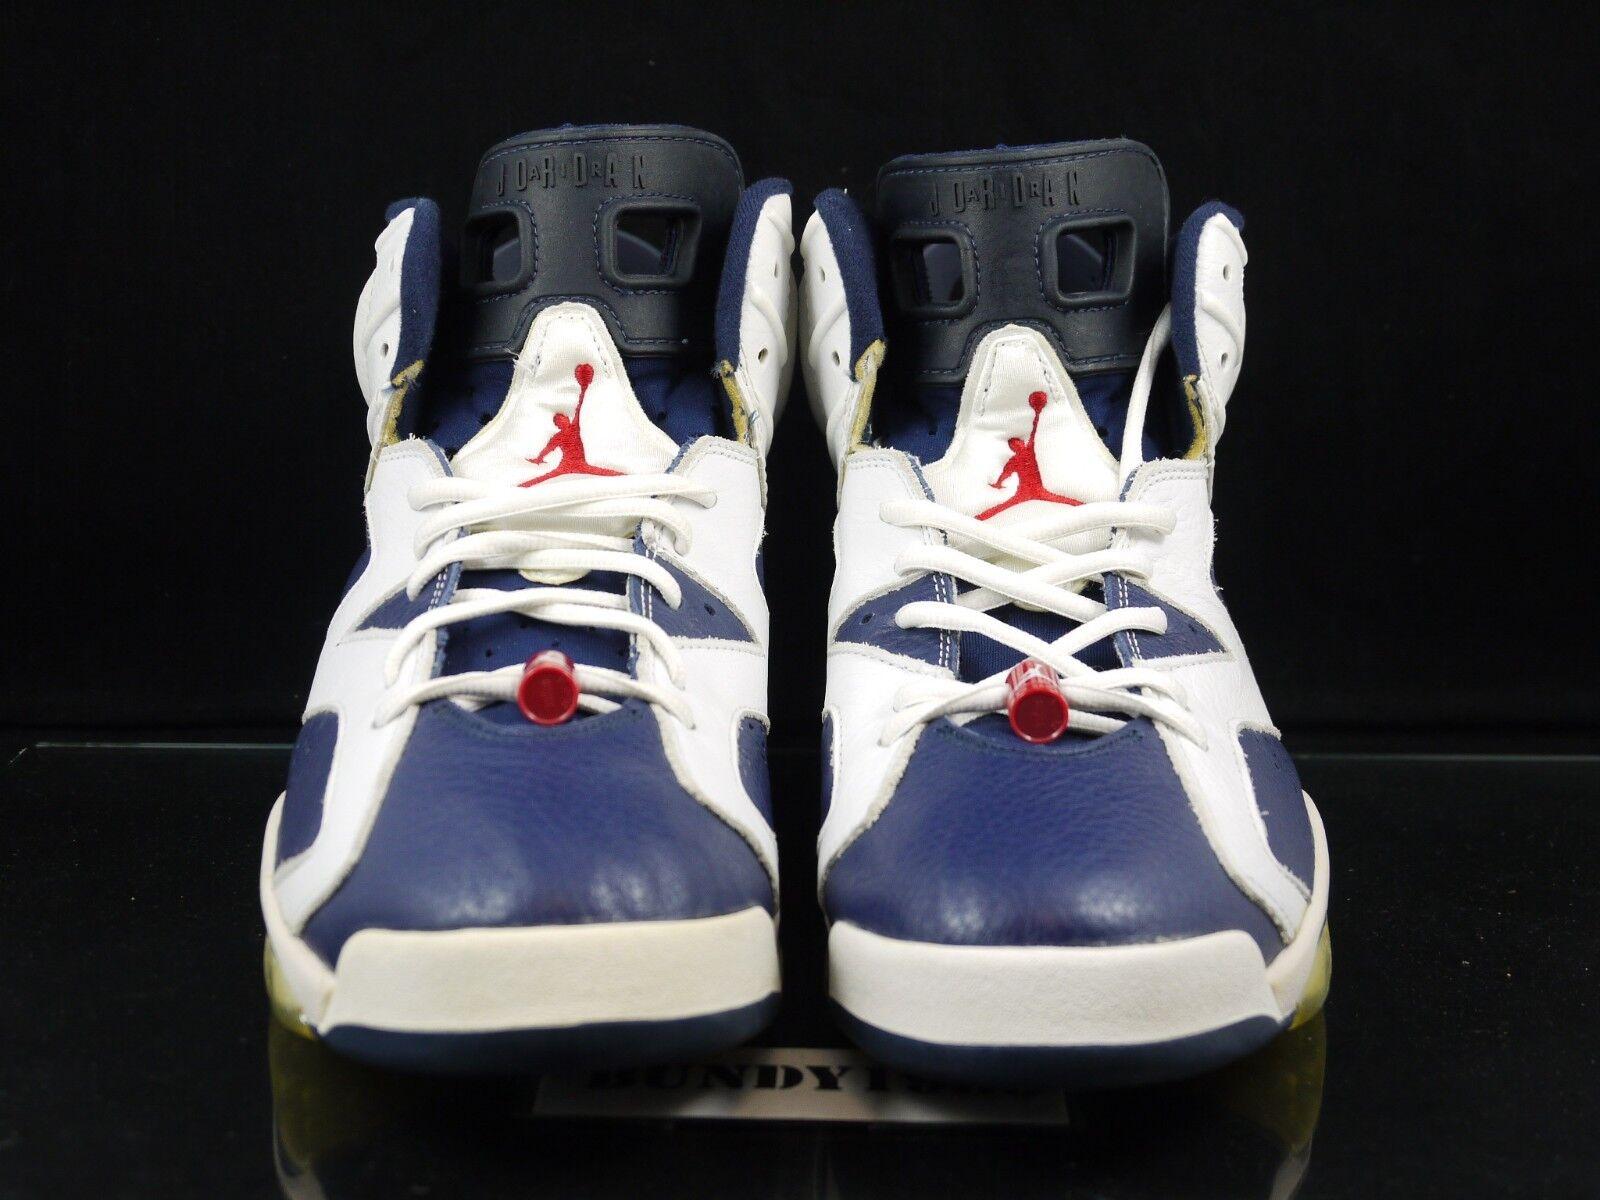 136038 461 Nike Air Jordan Jordan Jordan 6 retro Olympic 2000 SZ 12 Navy   Varsity Red sb P 57e3f5